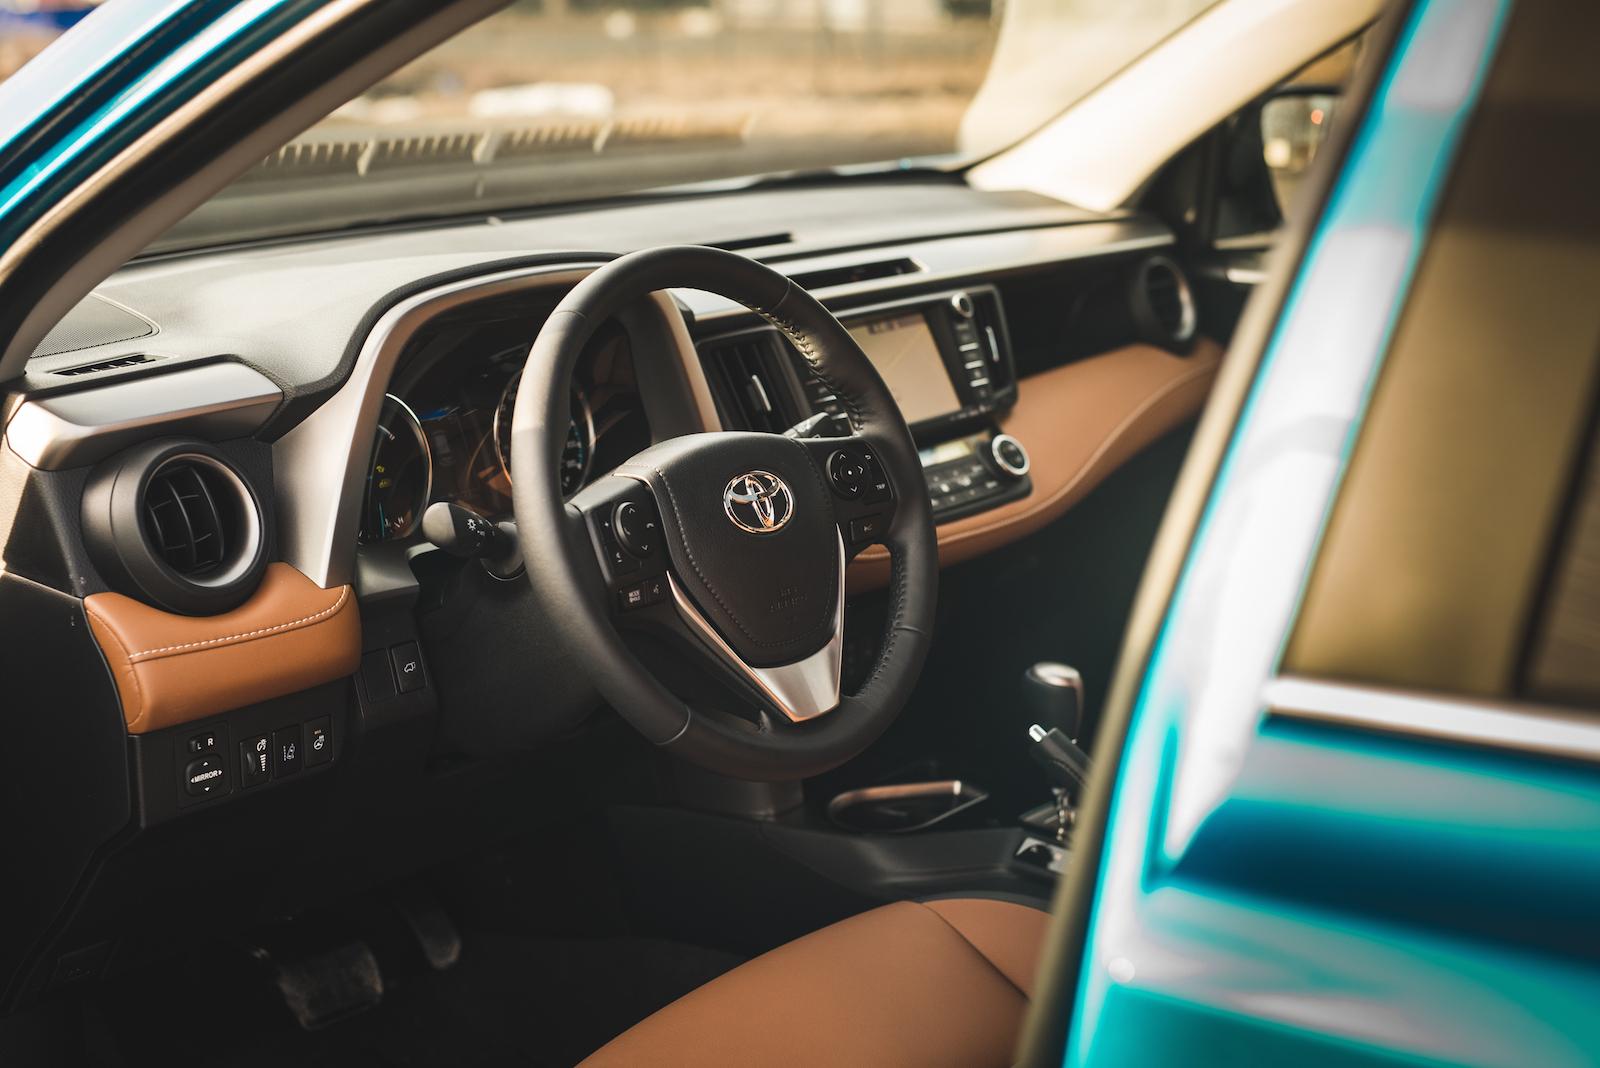 Rav4 Hybrid Tires Rav4 Hybrid Brown Interior ...